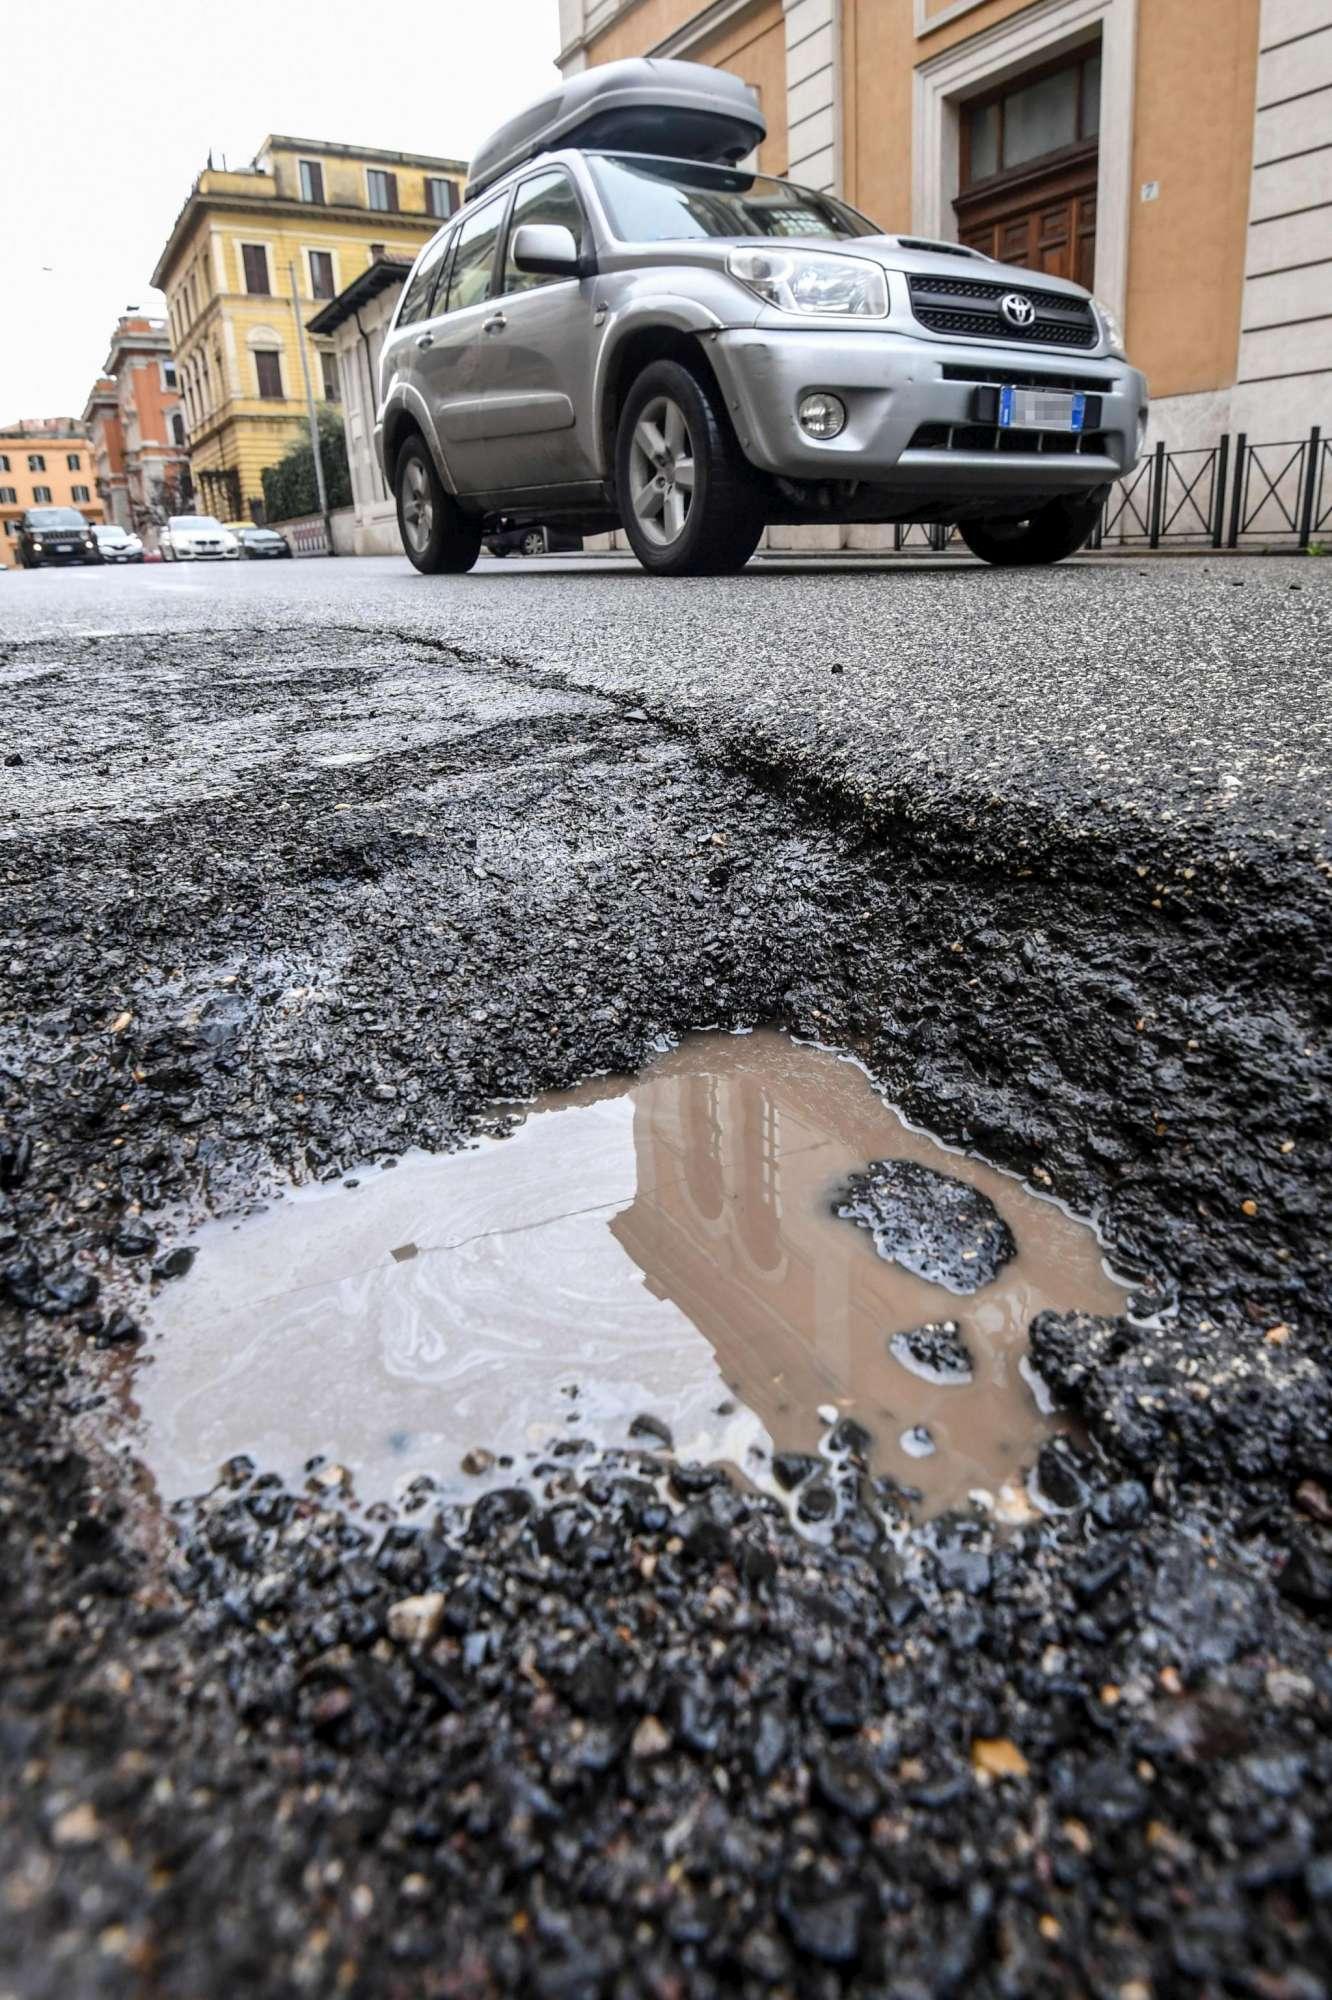 Emergenza buche sulle strade di Roma